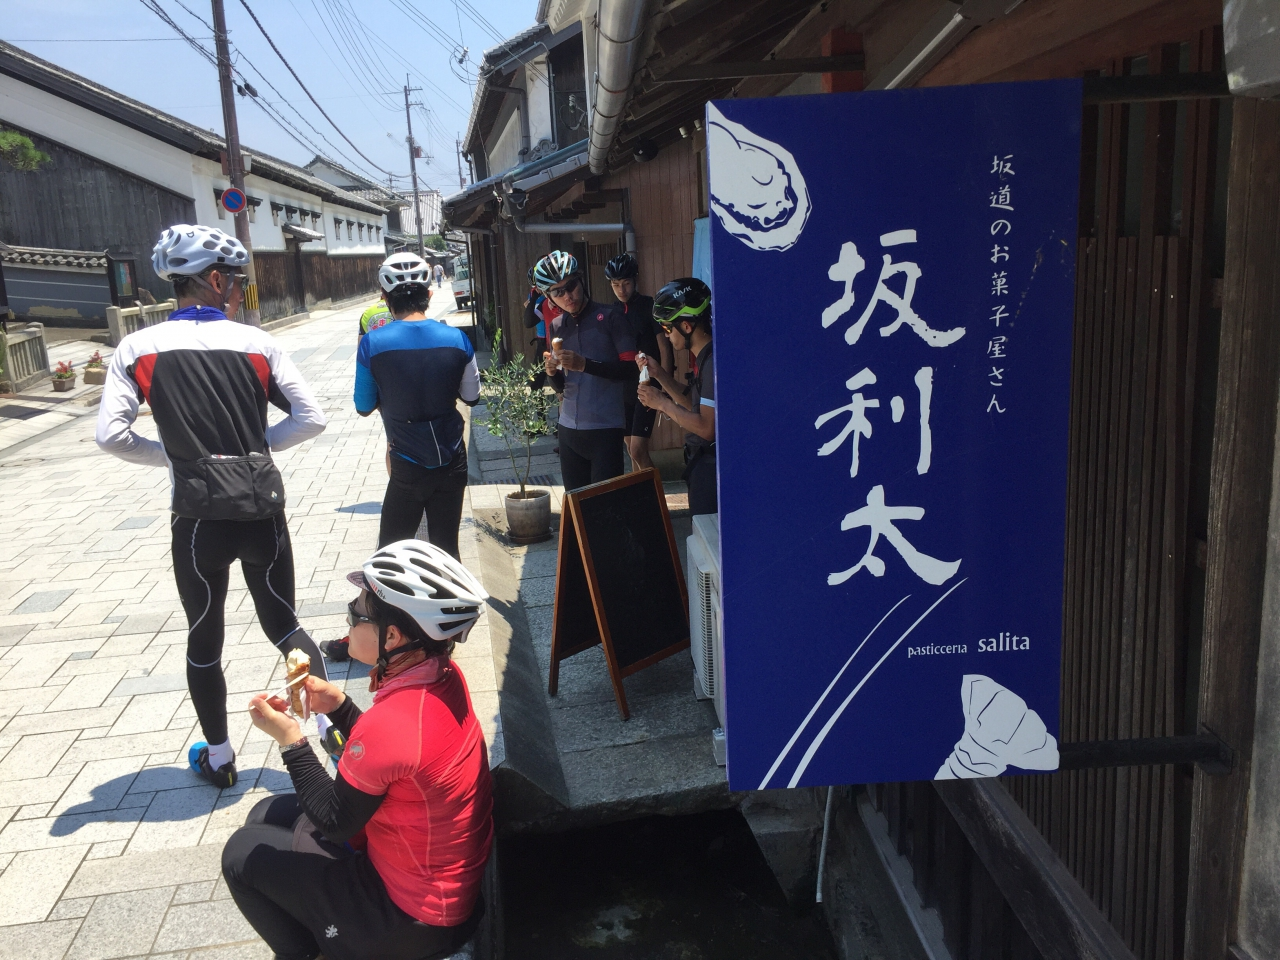 Climbサイクリング 坂越・サリータ~赤穂